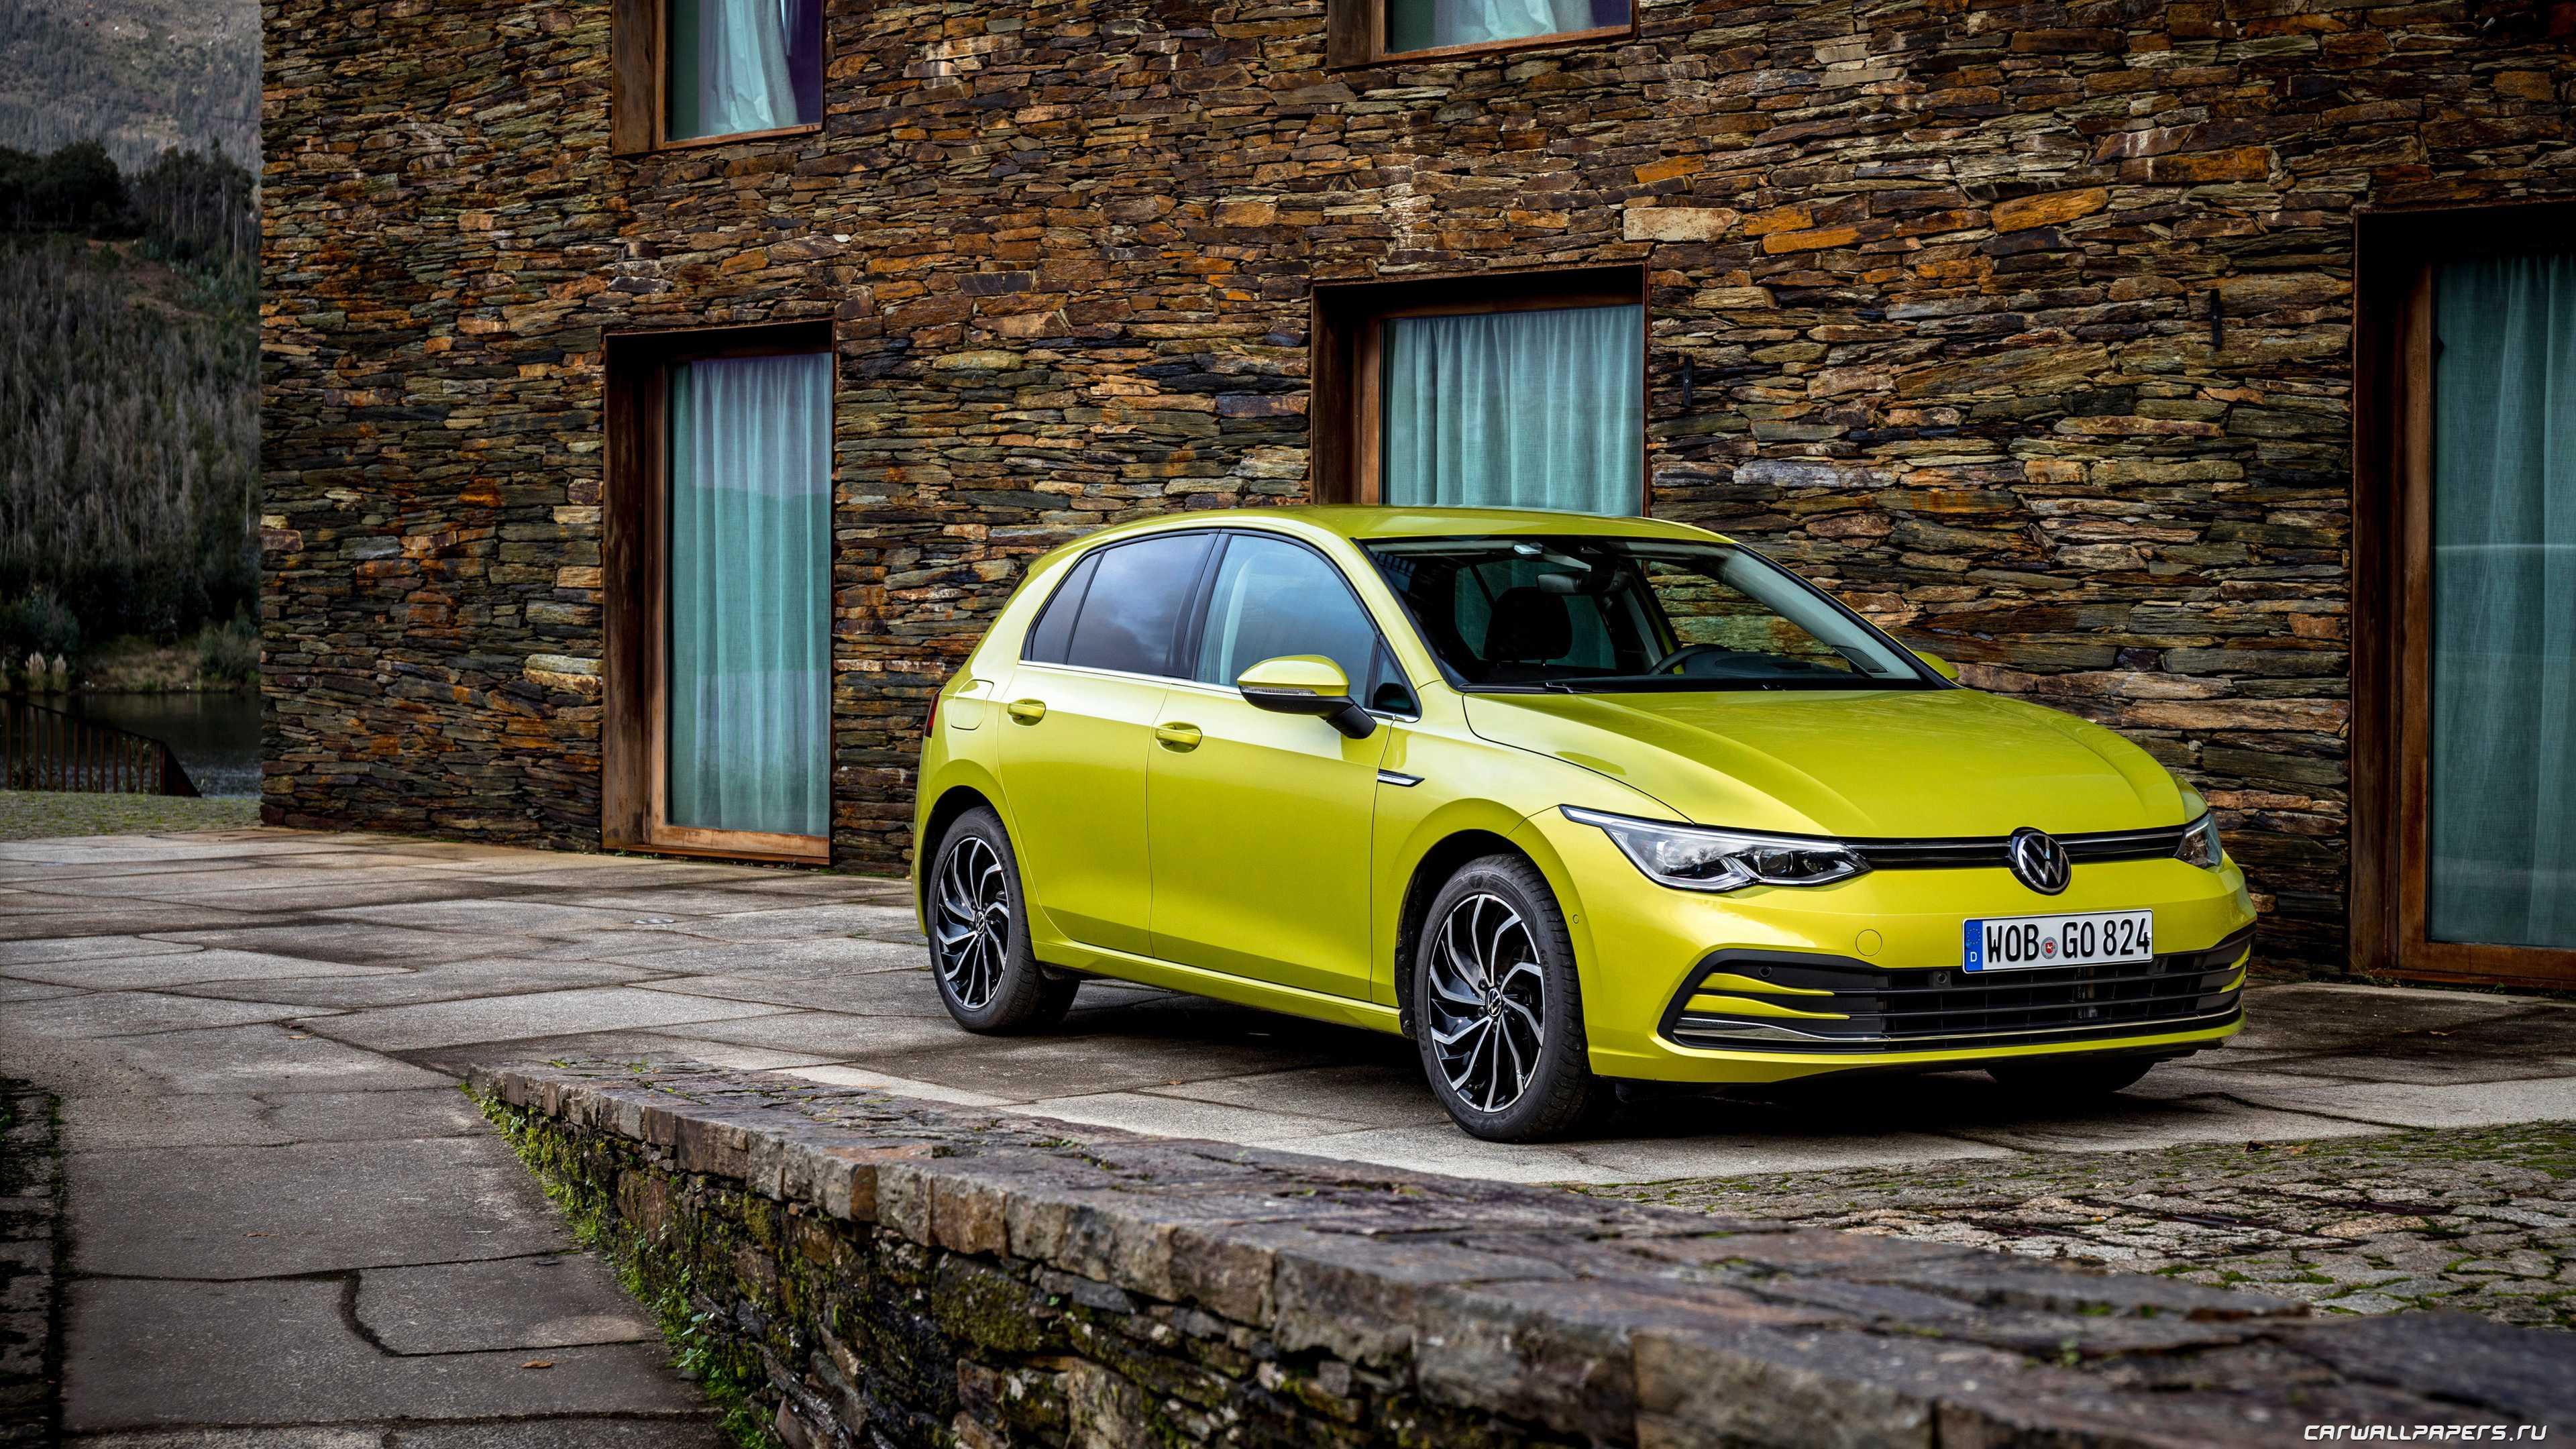 Немцы представили Volkswagen Golf 8 поколения Культовый автомобиль внешне осовременили но в общем Гольф остался узнаваемым